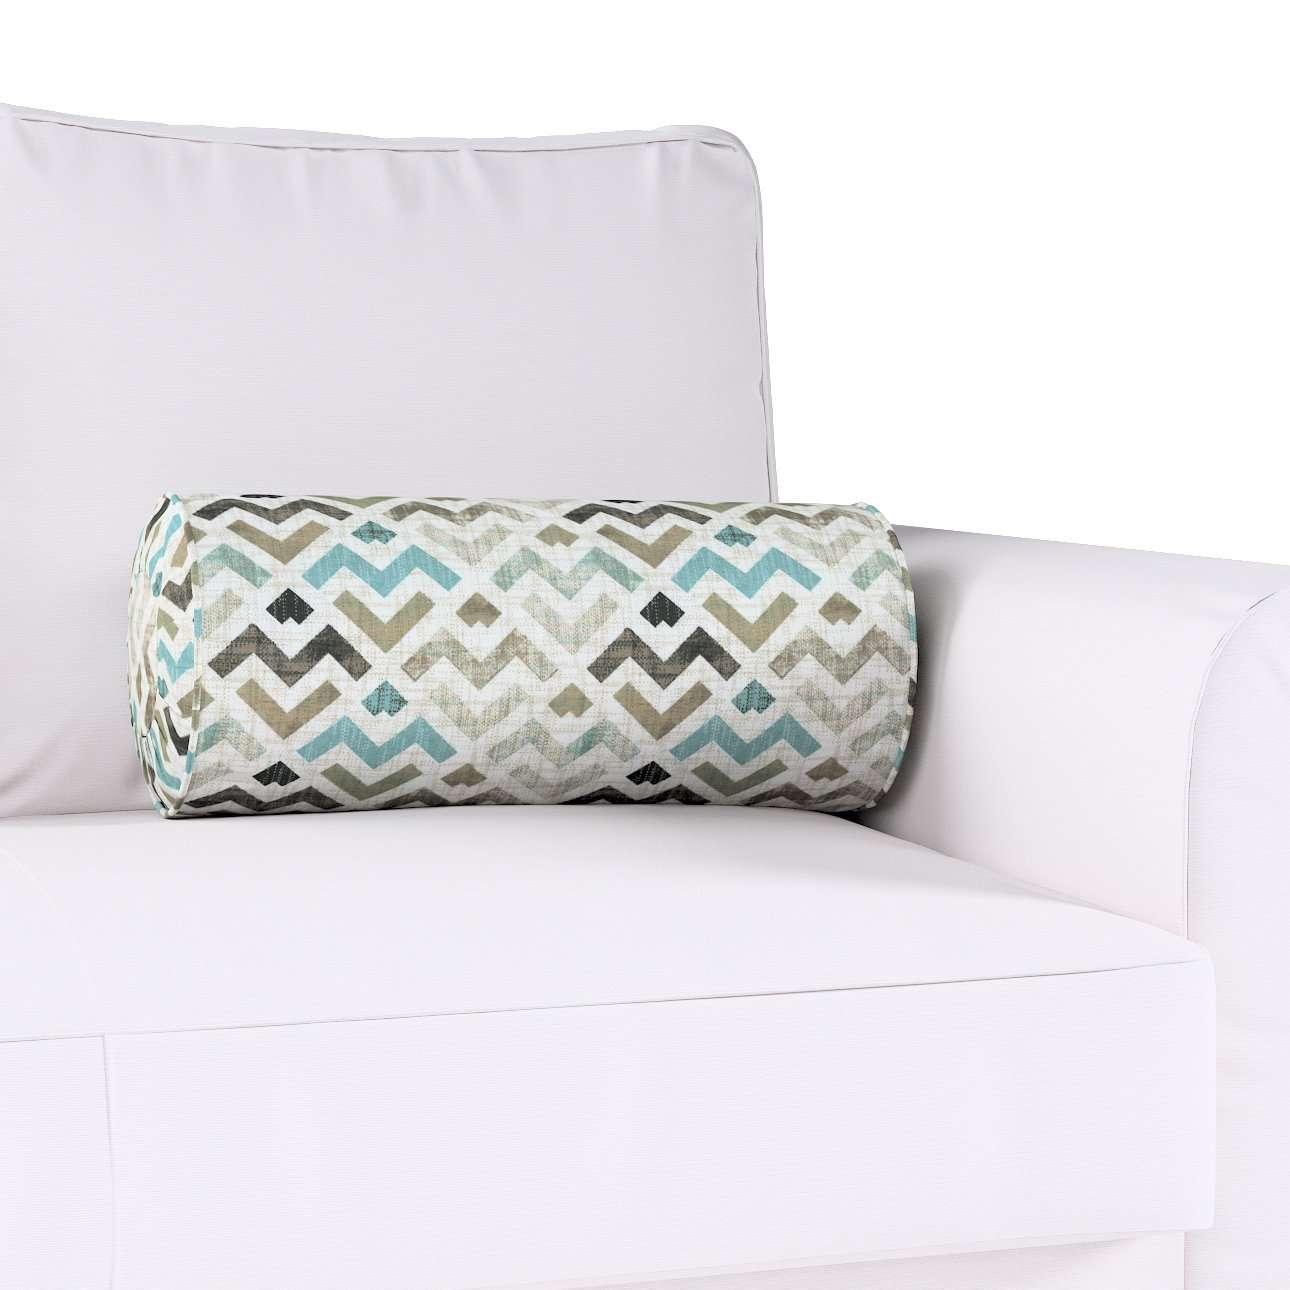 Poduszka wałek z zakładkami w kolekcji Modern, tkanina: 141-93